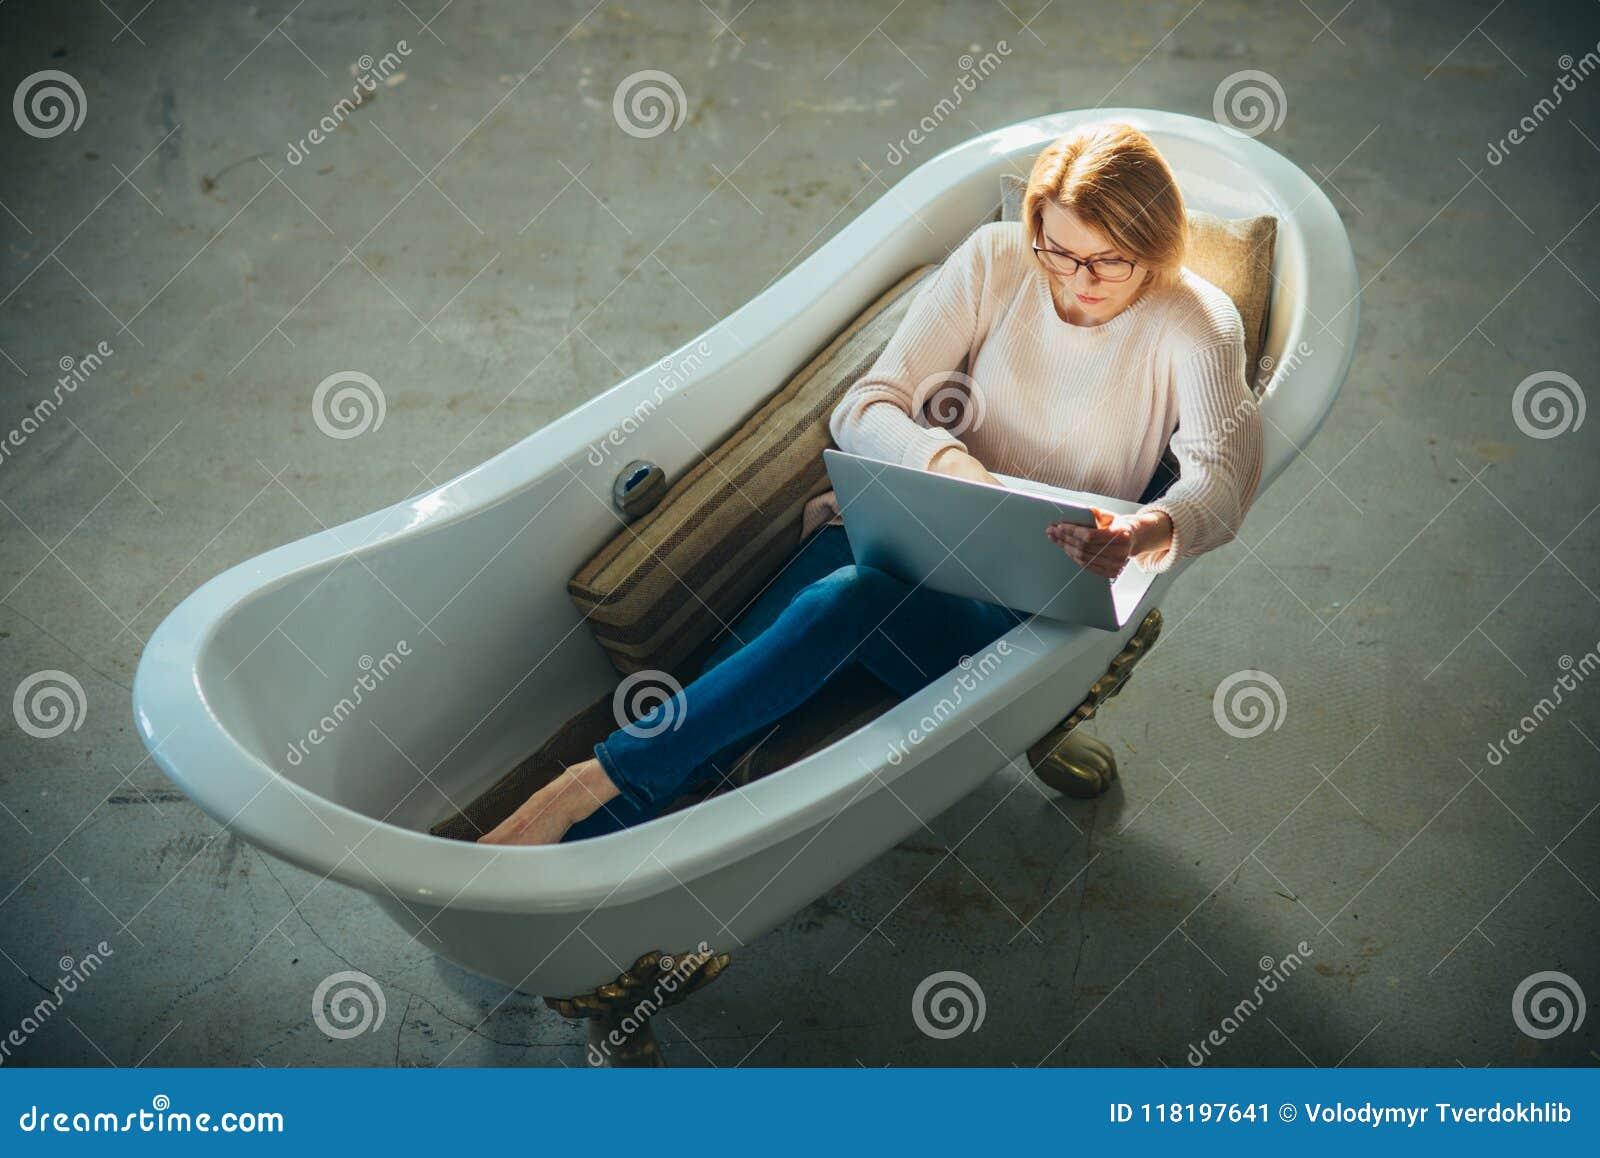 女孩在有膝上型计算机的浴缸放松保留博克 敏捷事务和通信 买网上和数字式行销